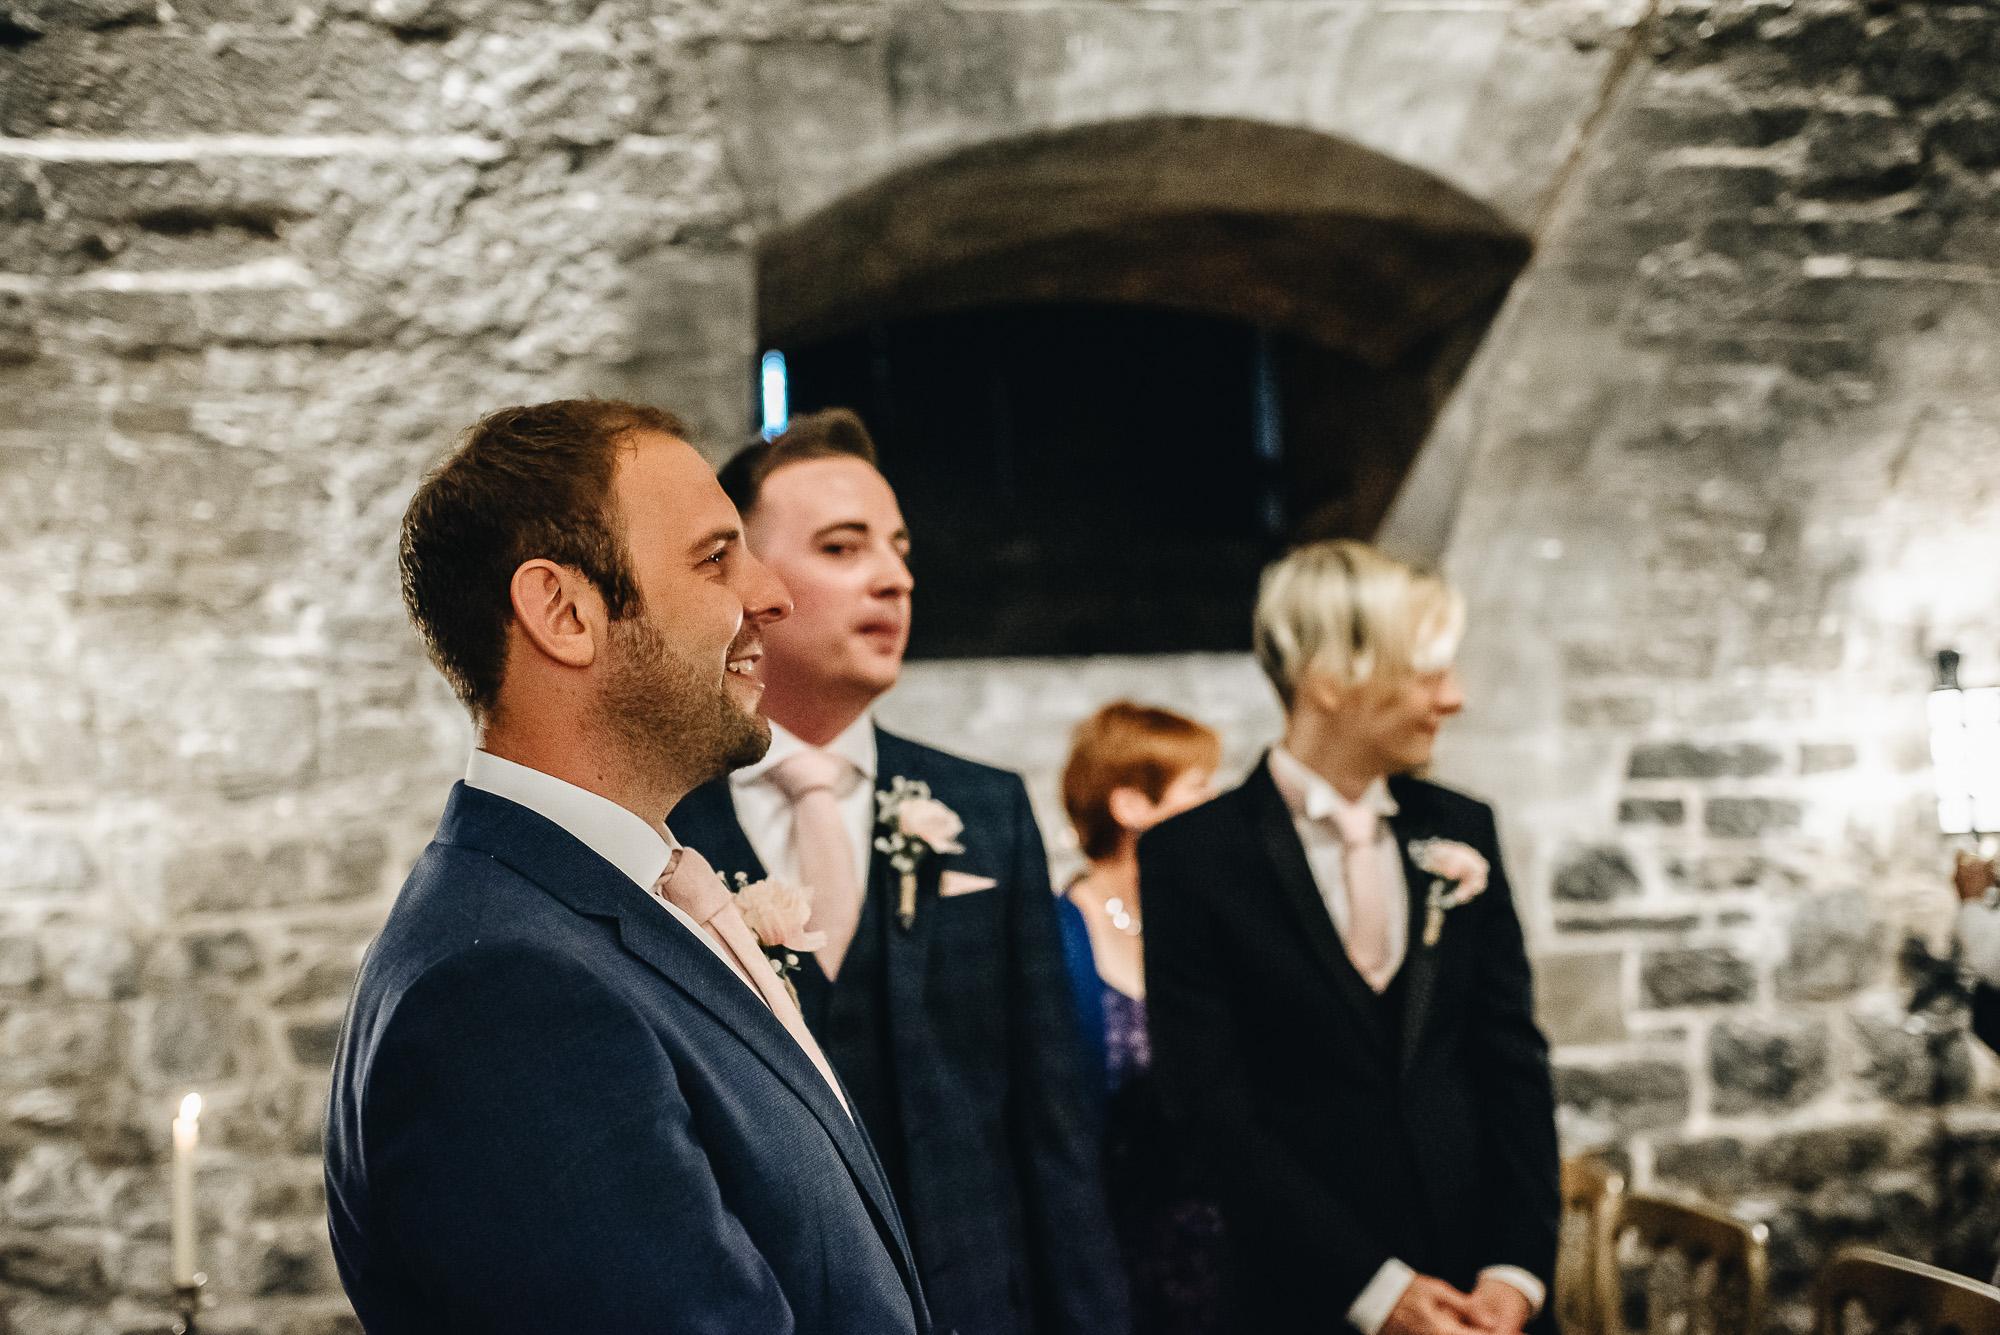 OurBeautifulAdventure-CardiffCastleWedding-Maddie&Joe-WeddingBlog-1456.jpg